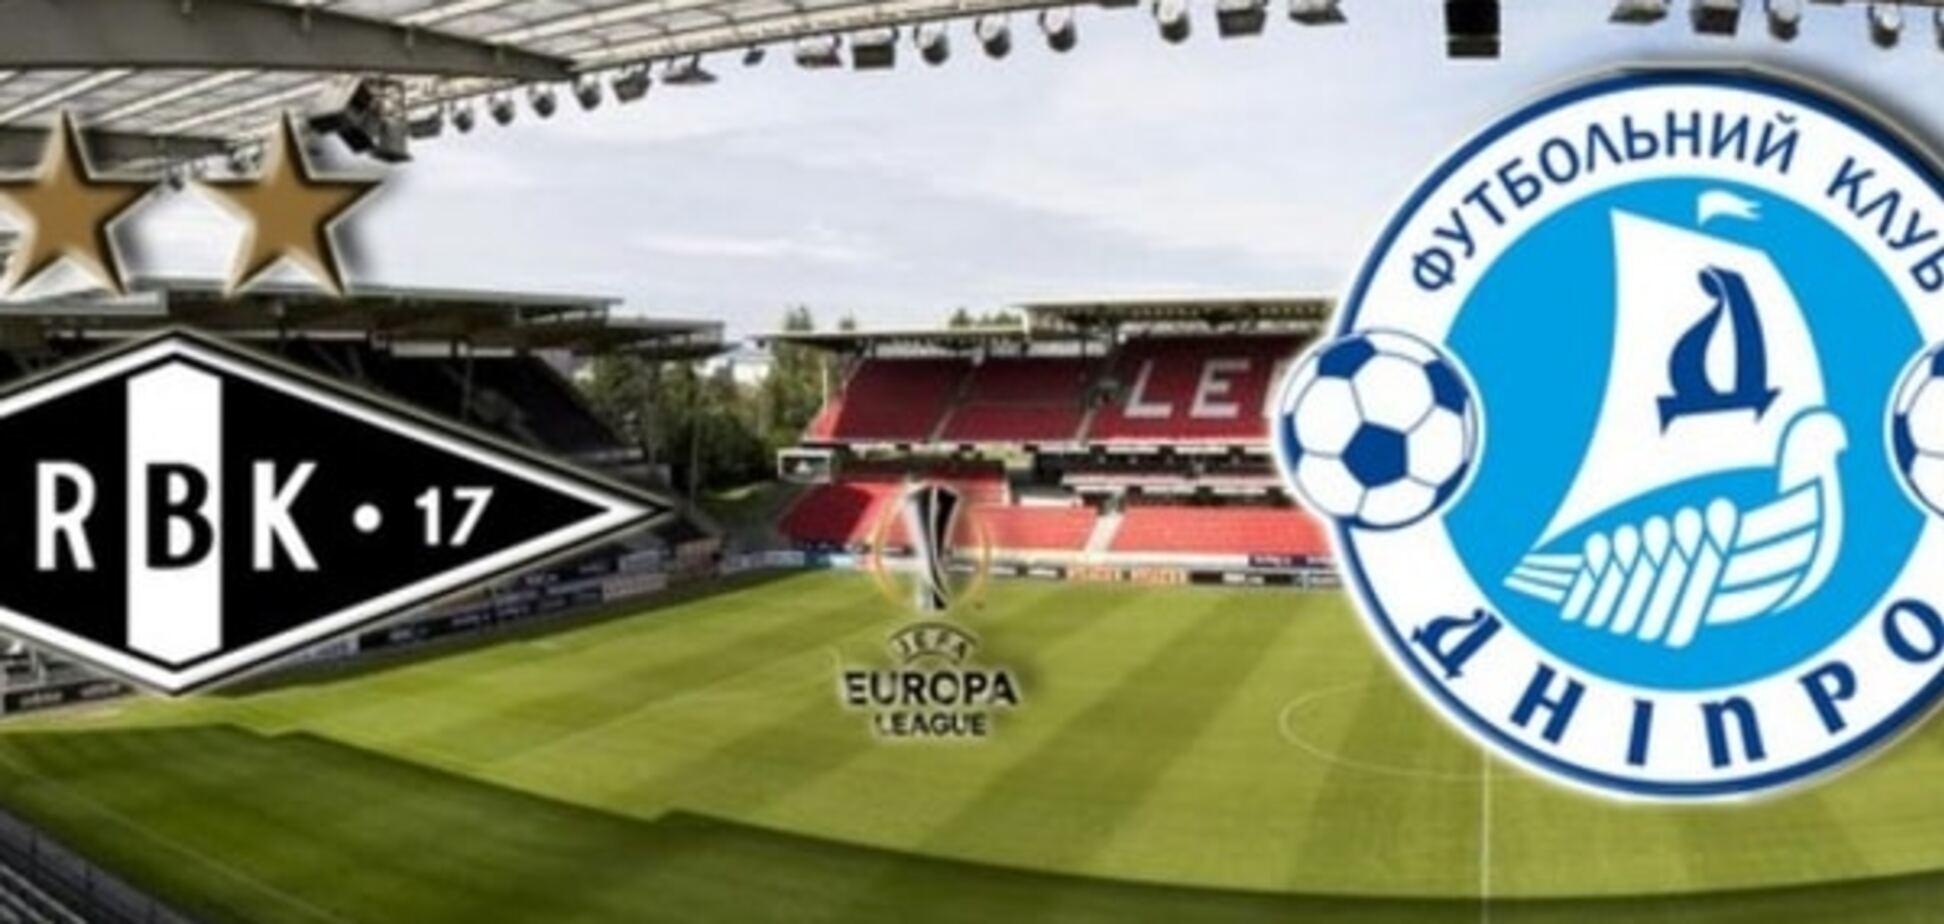 Русенборг - Дніпро: анонс, прогноз, де дивитися матч Ліги Європи